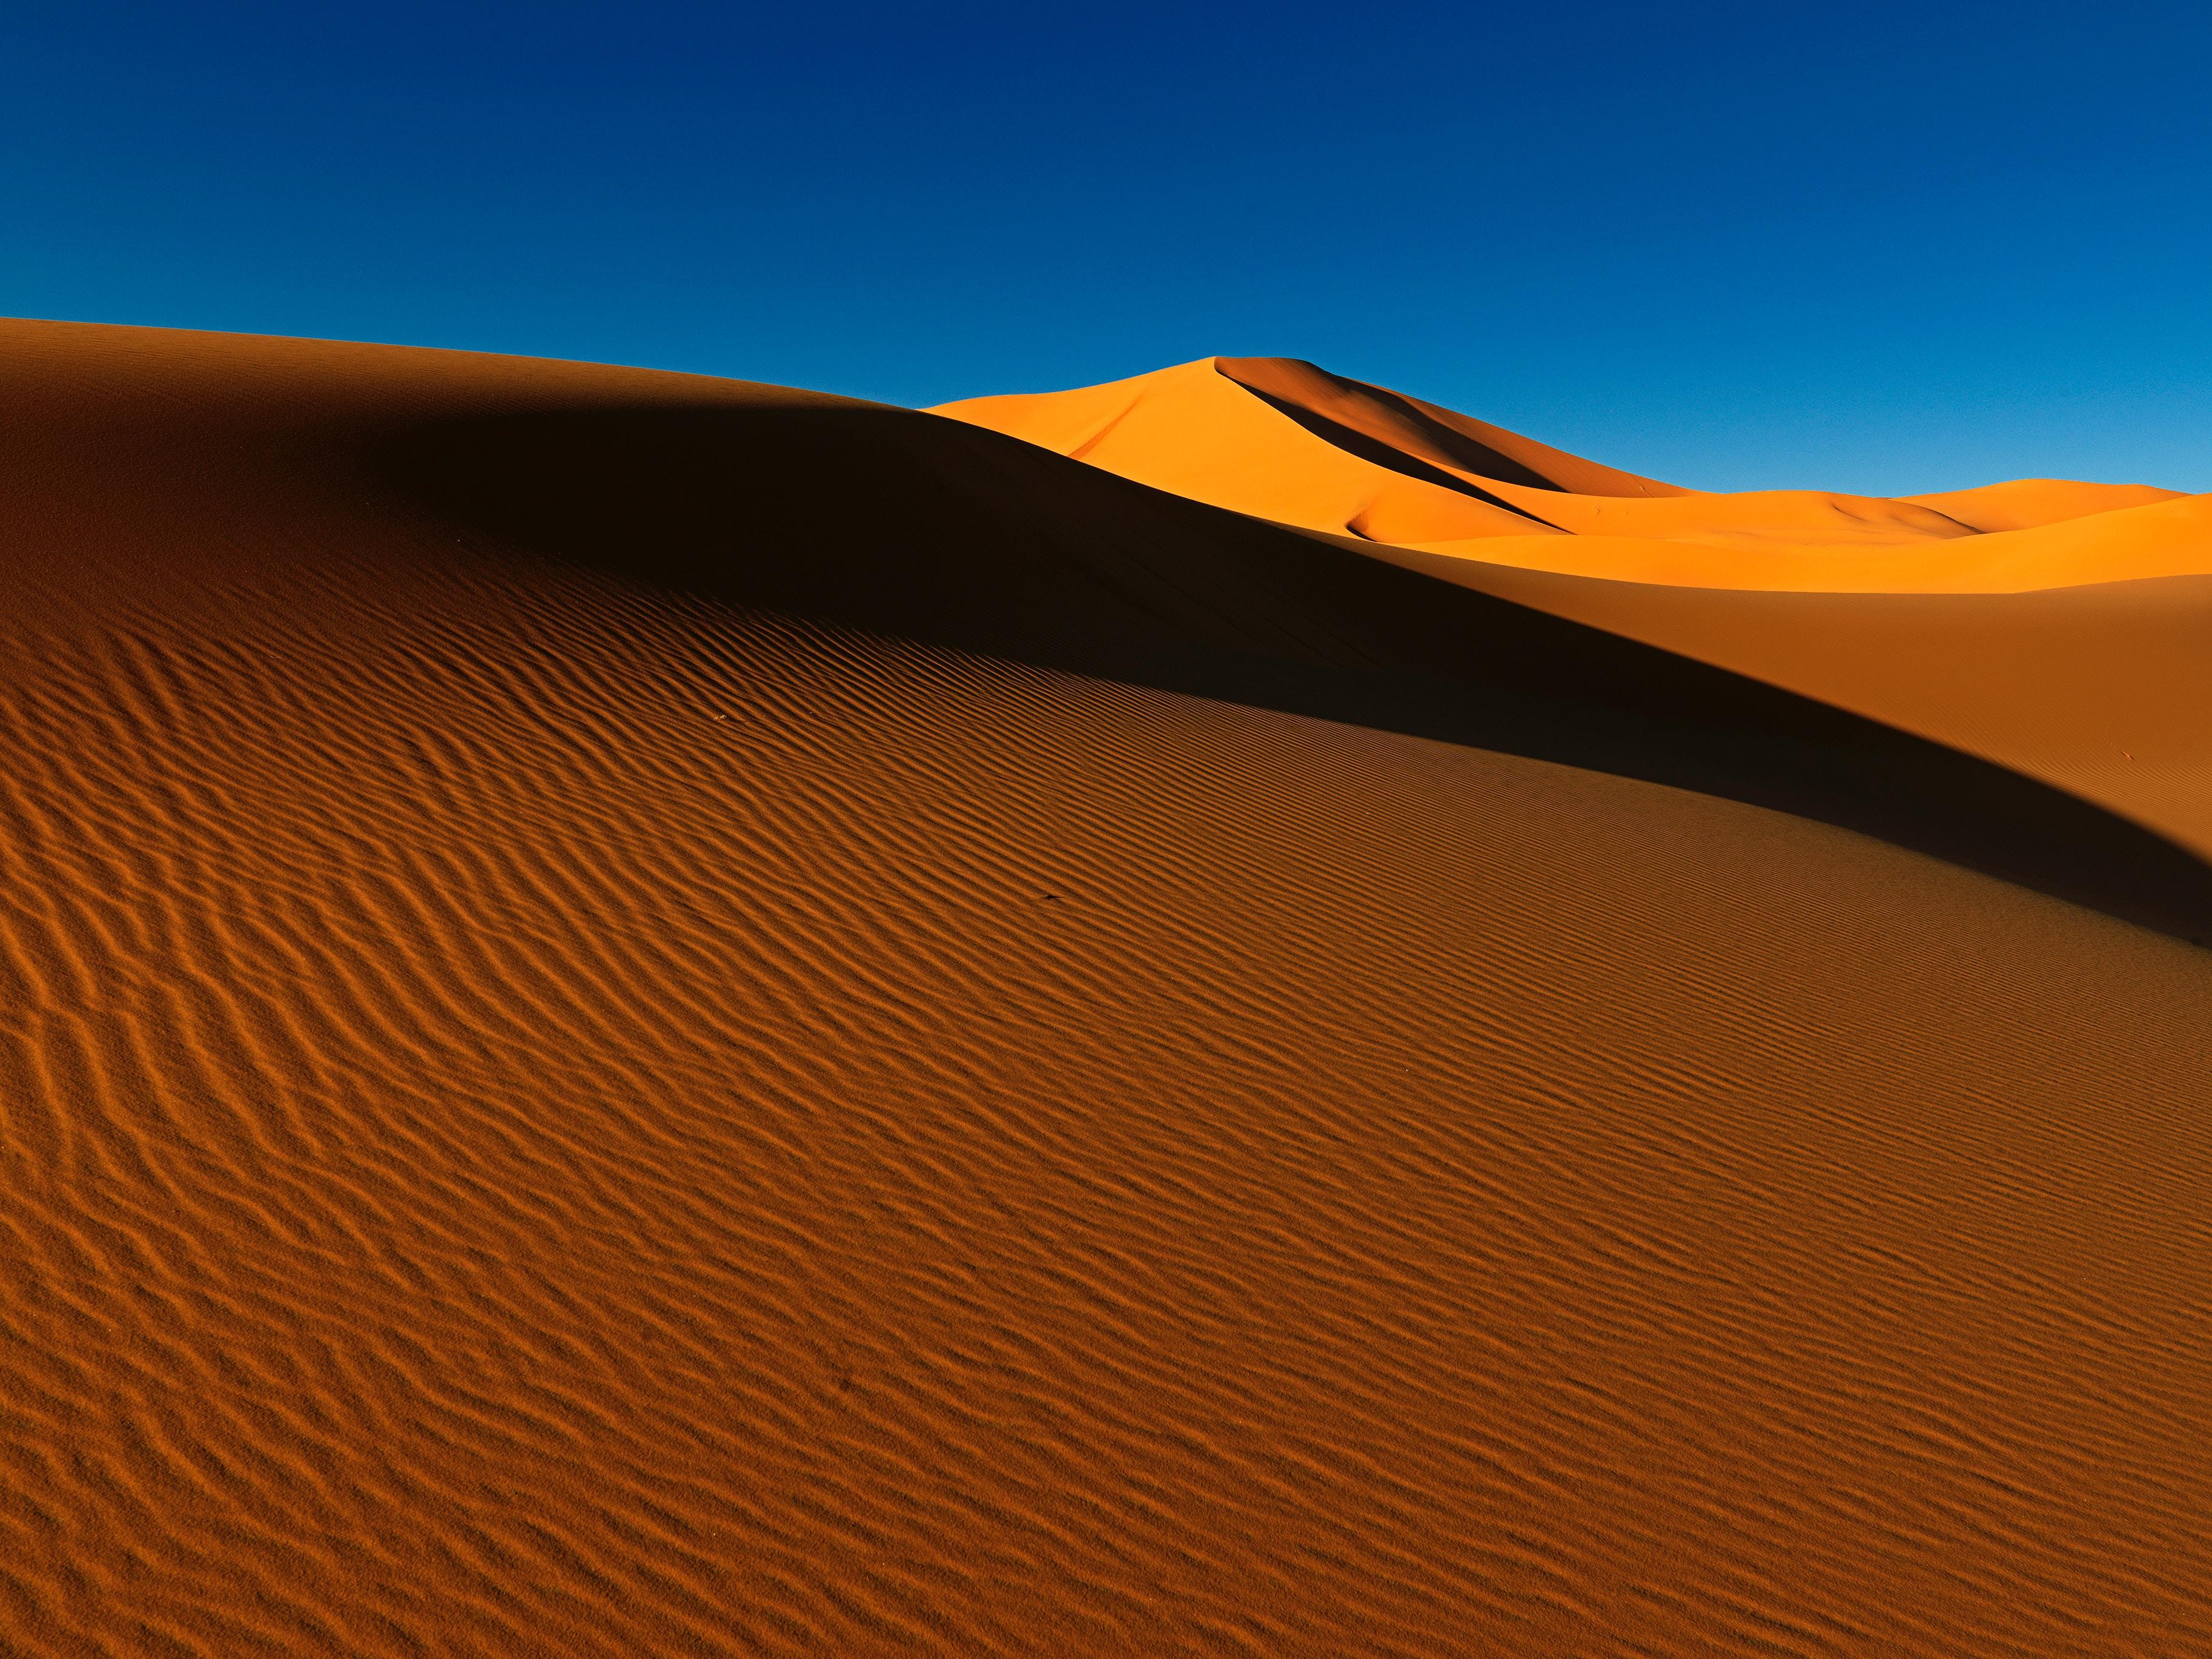 Скачать обои Пустыня на телефон бесплатно